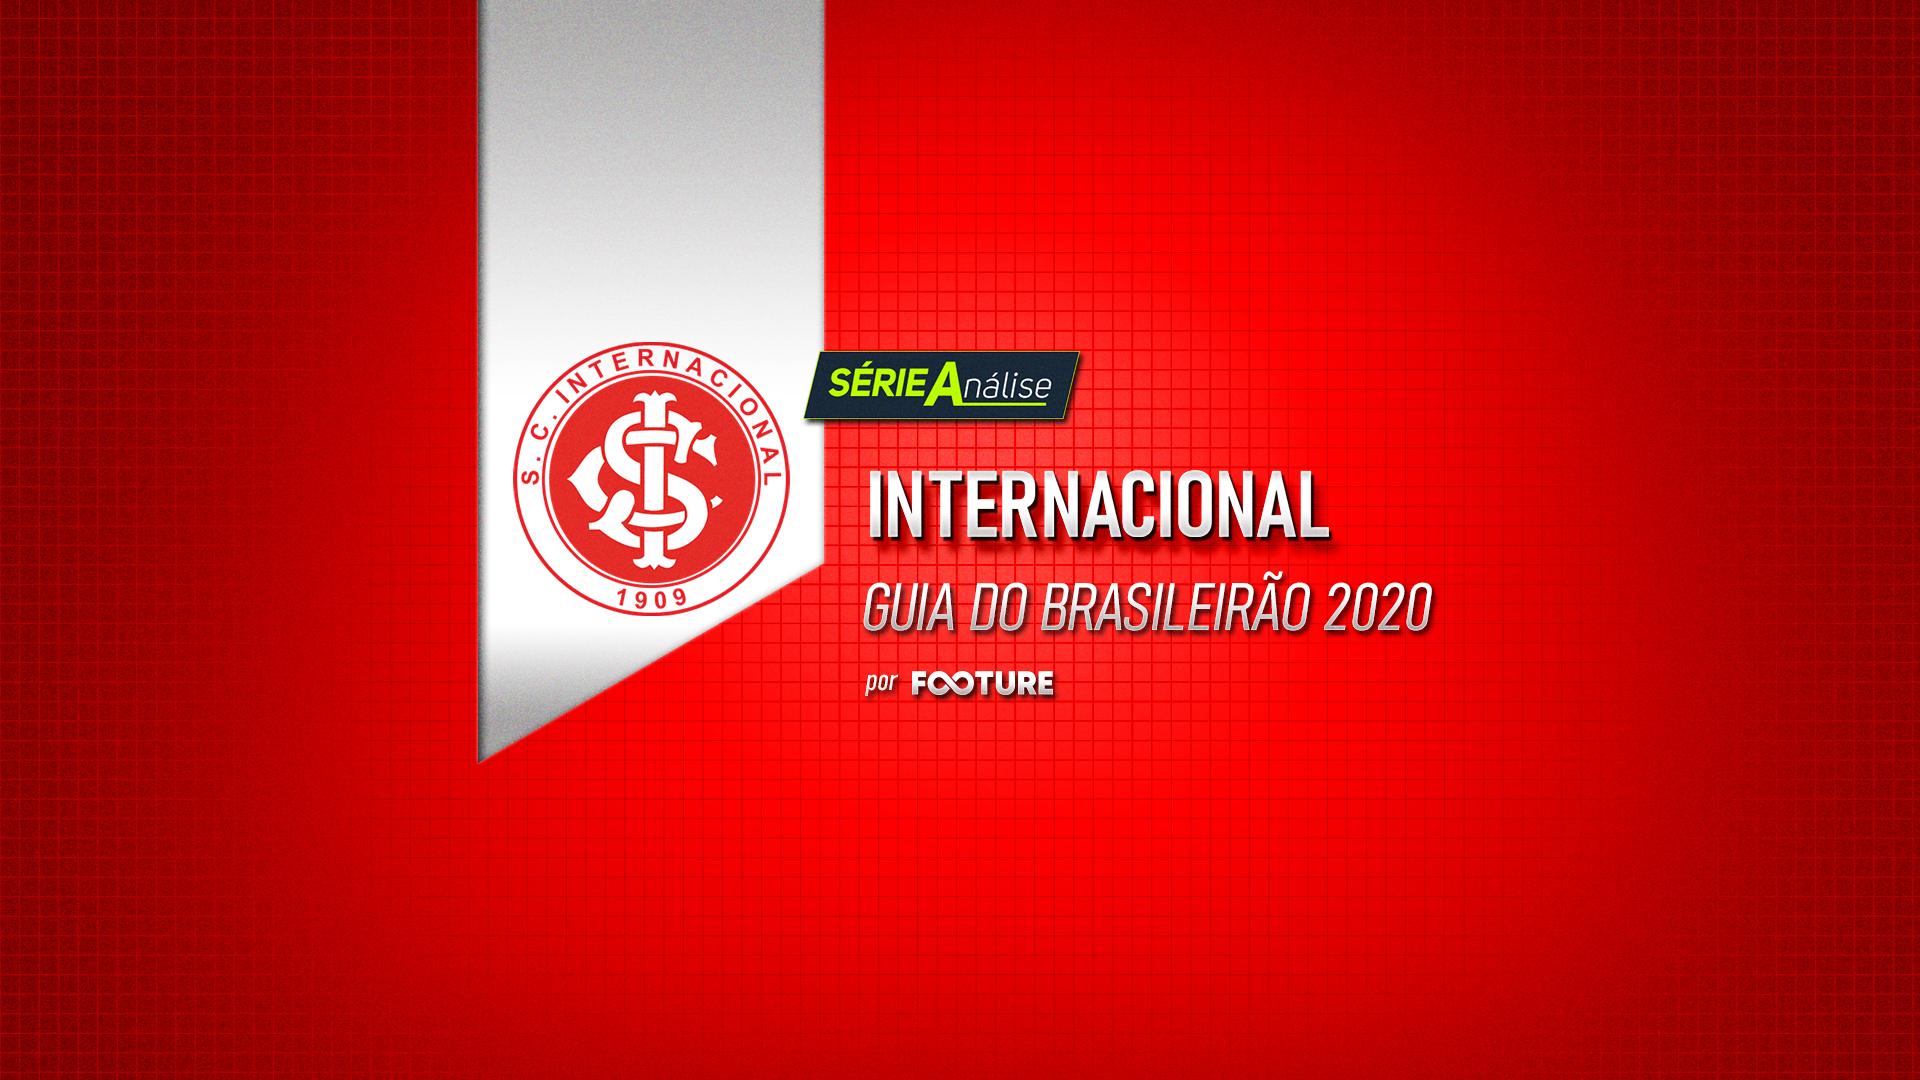 Guia do Brasileirão 2020 – Internacional